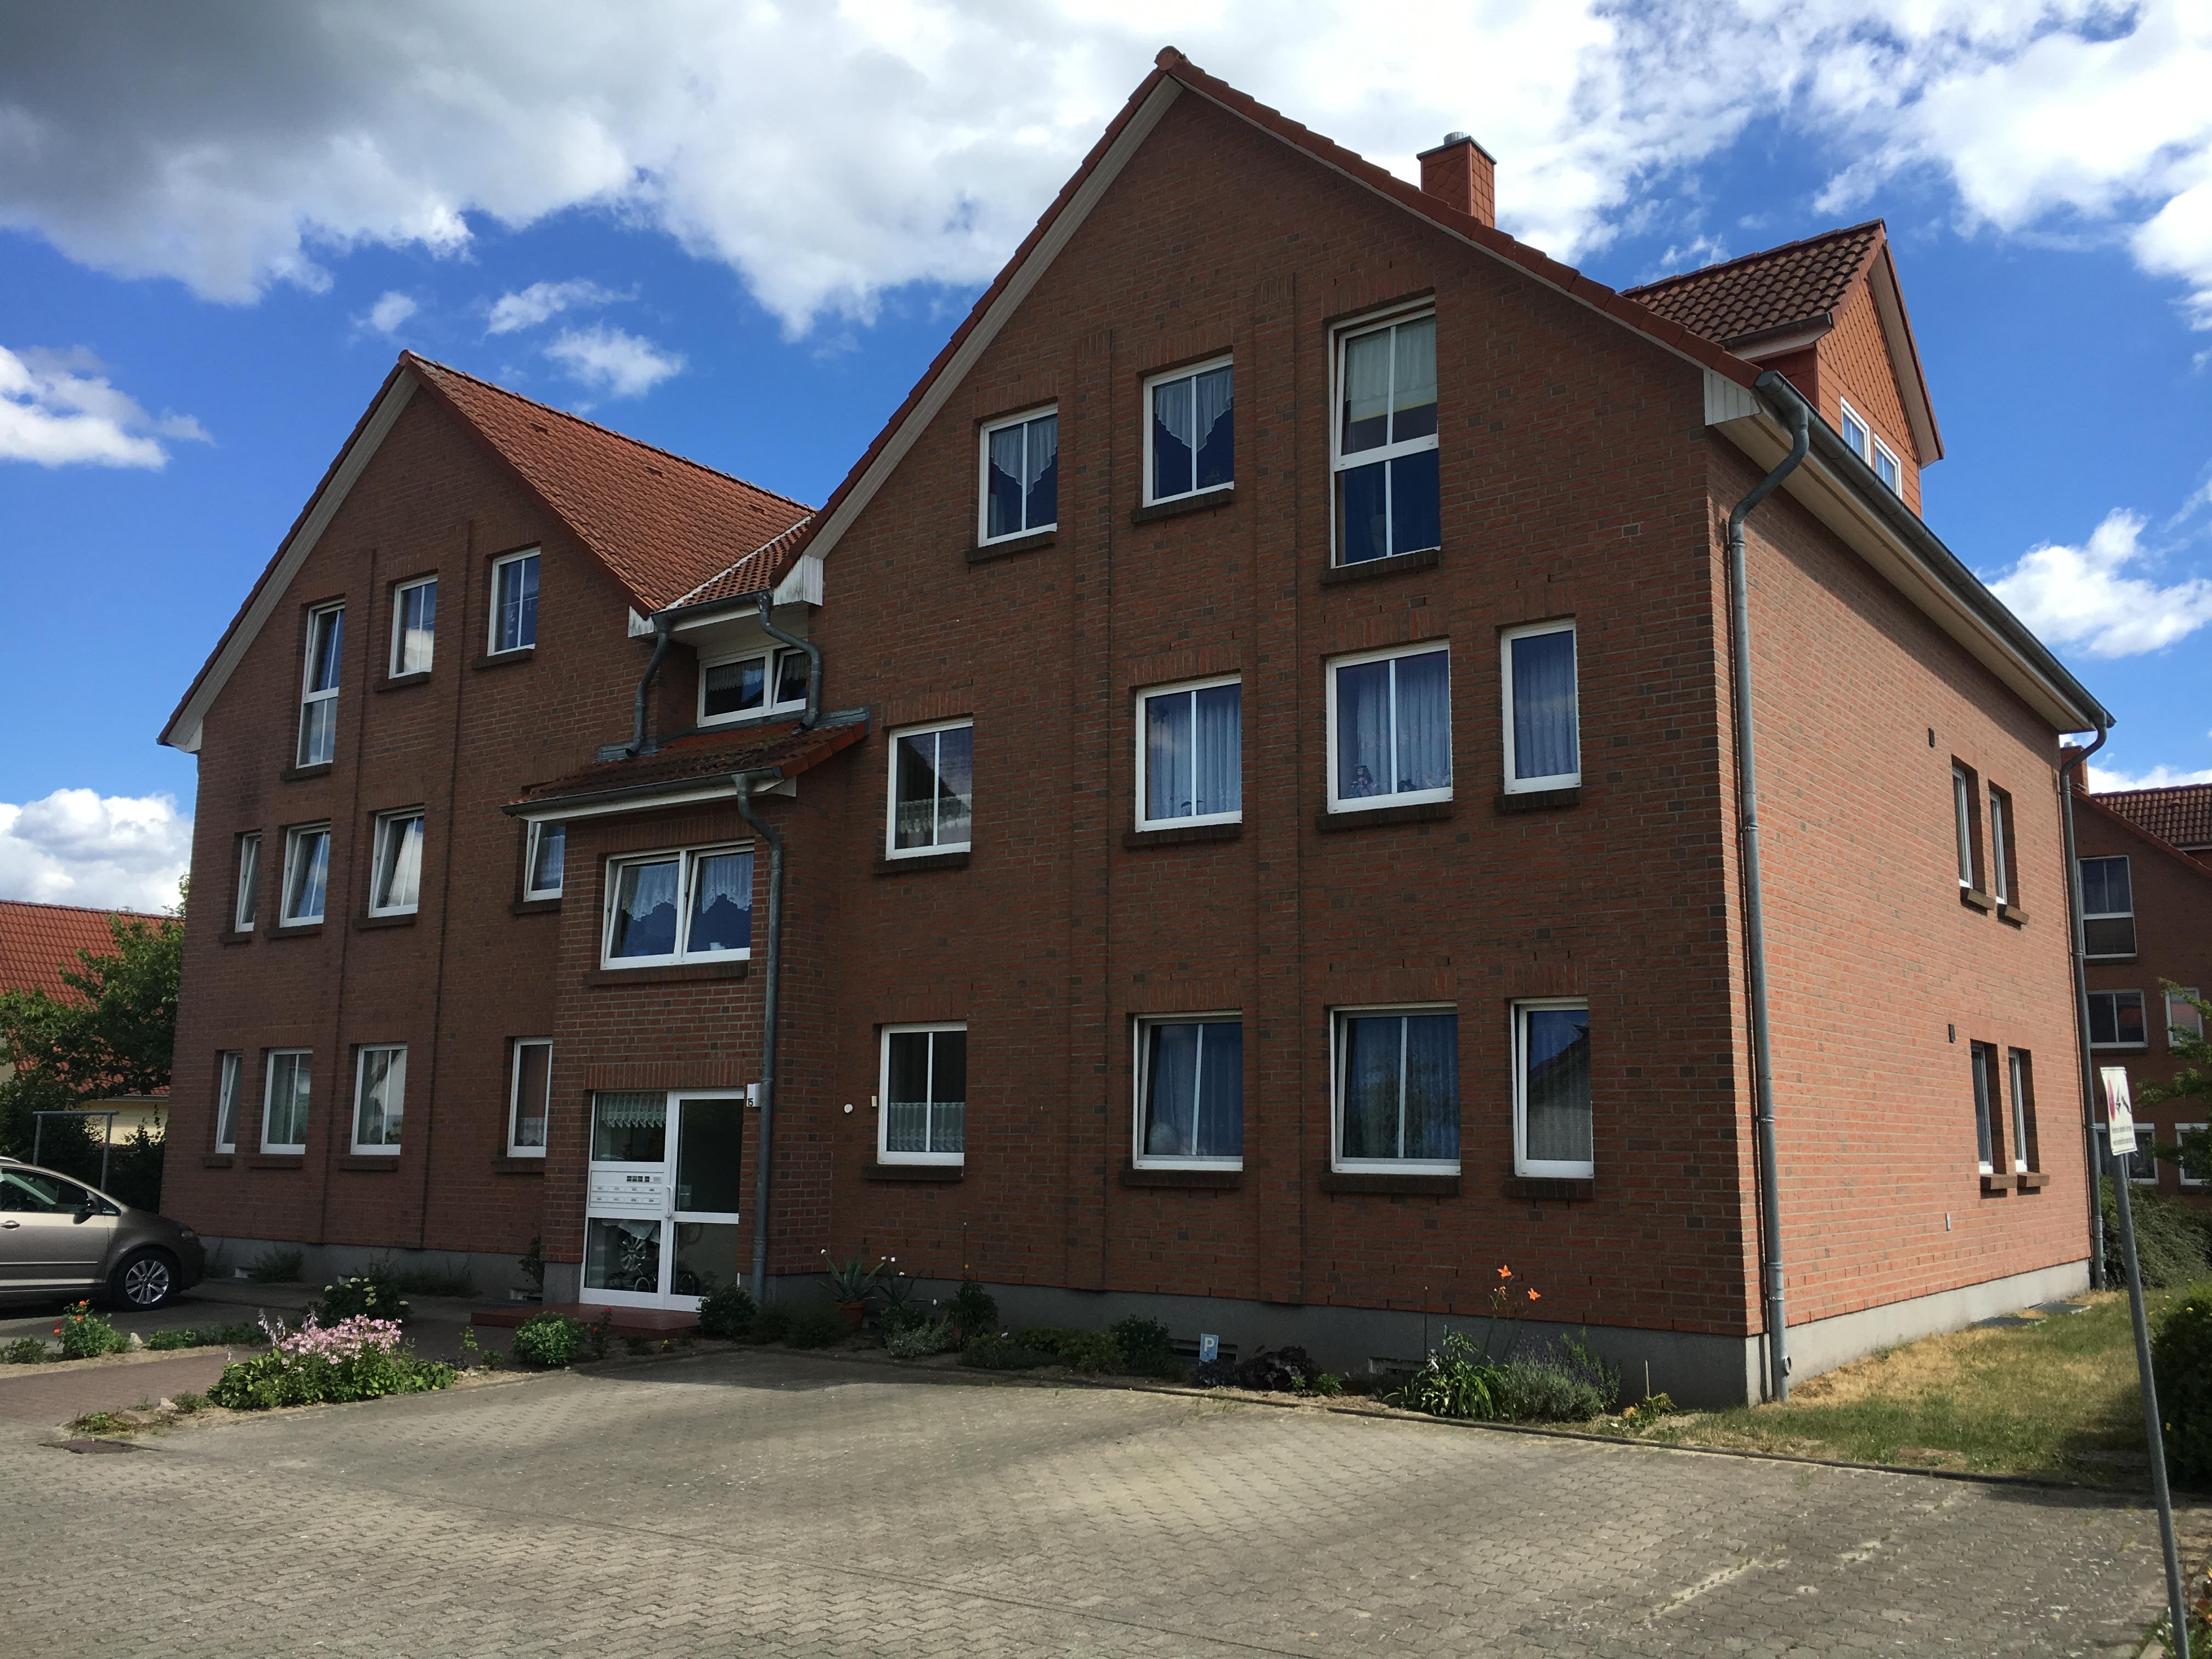 Mecklenburger Allee 15